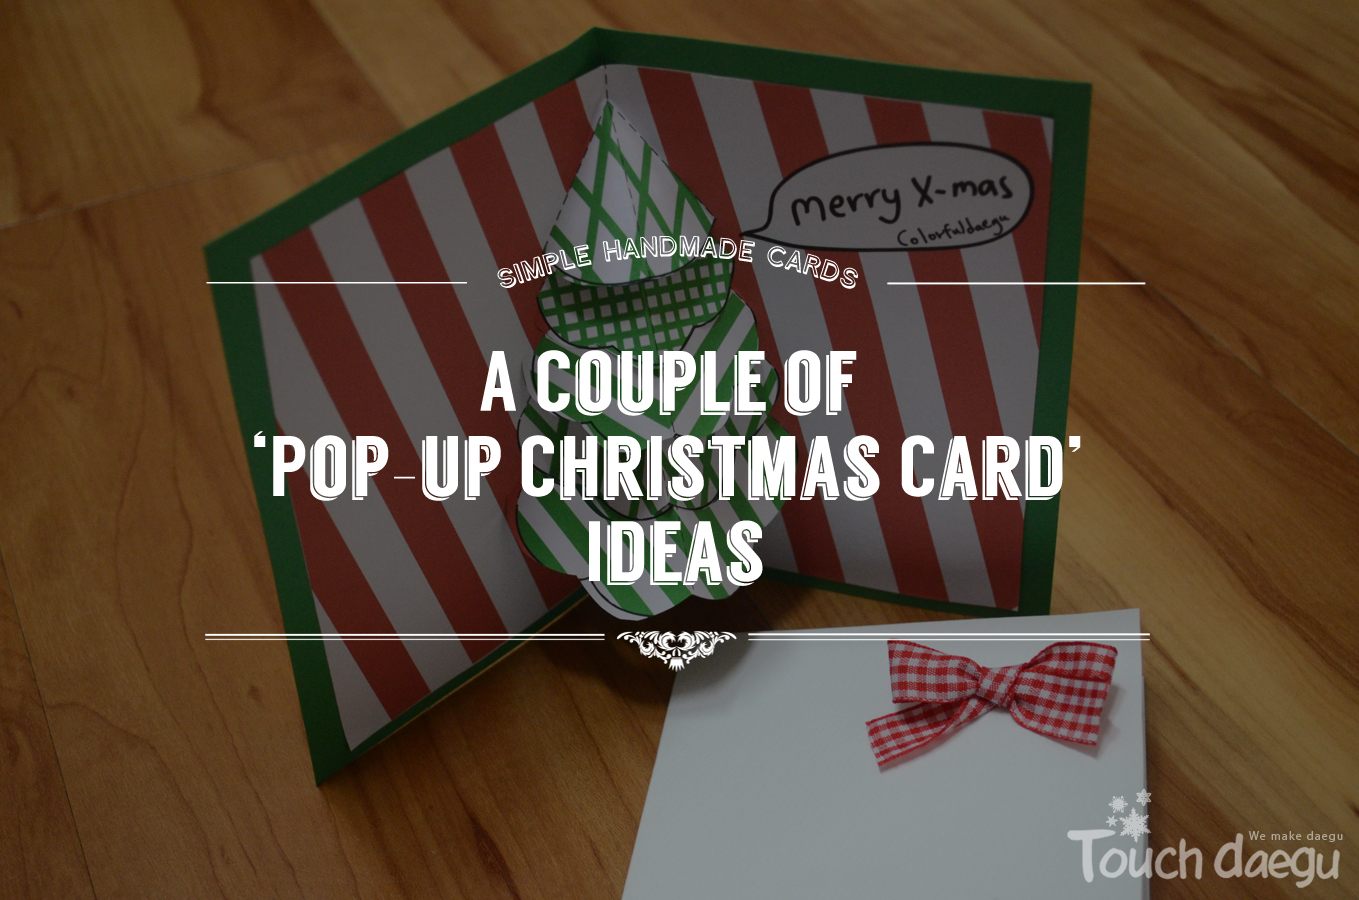 A Couple of 'Pop-up Christmas Card' Ideas